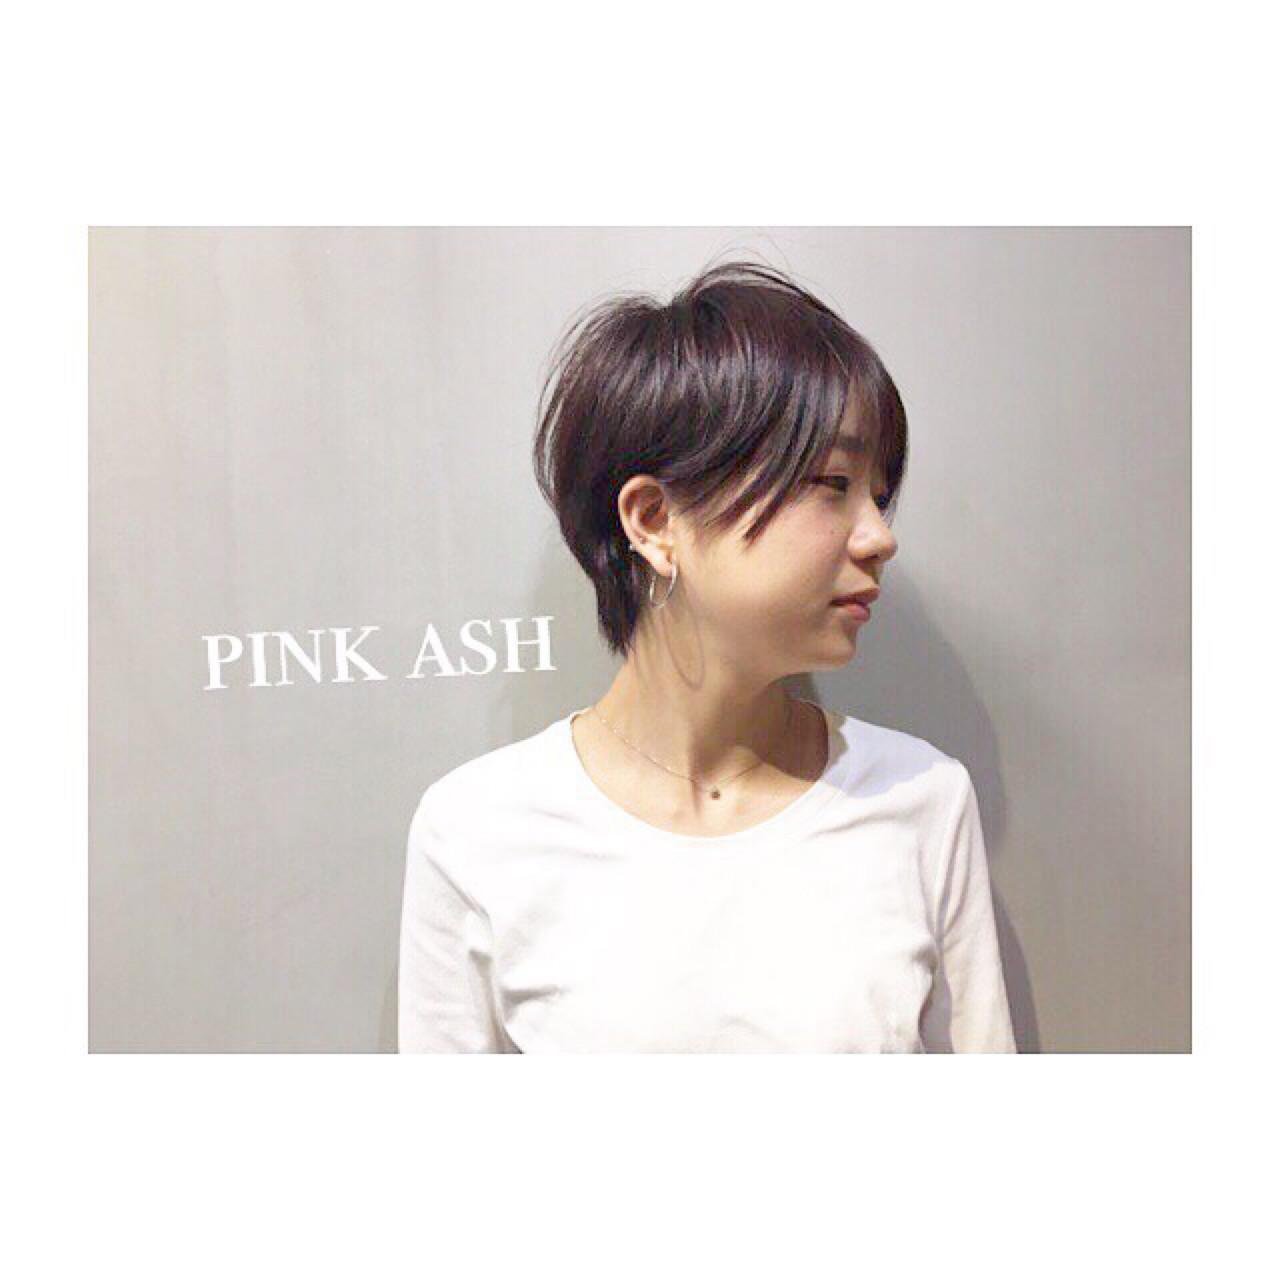 フェミニン ショート ナチュラル パープル ヘアスタイルや髪型の写真・画像